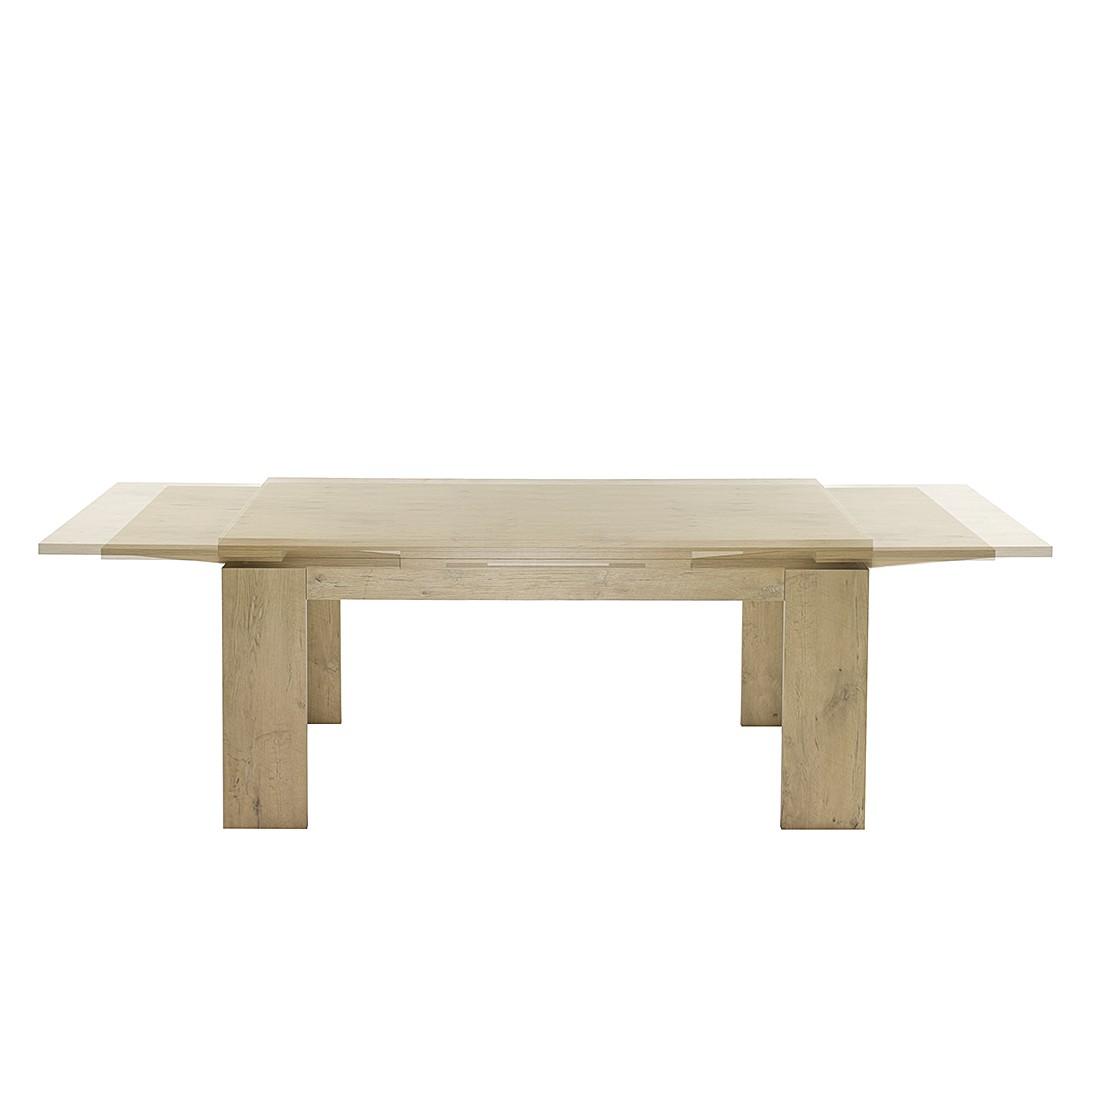 Table de salle à manger Leaf II (avec rallonge) - Imitation chêne brut de sciage - Imitation chêne b